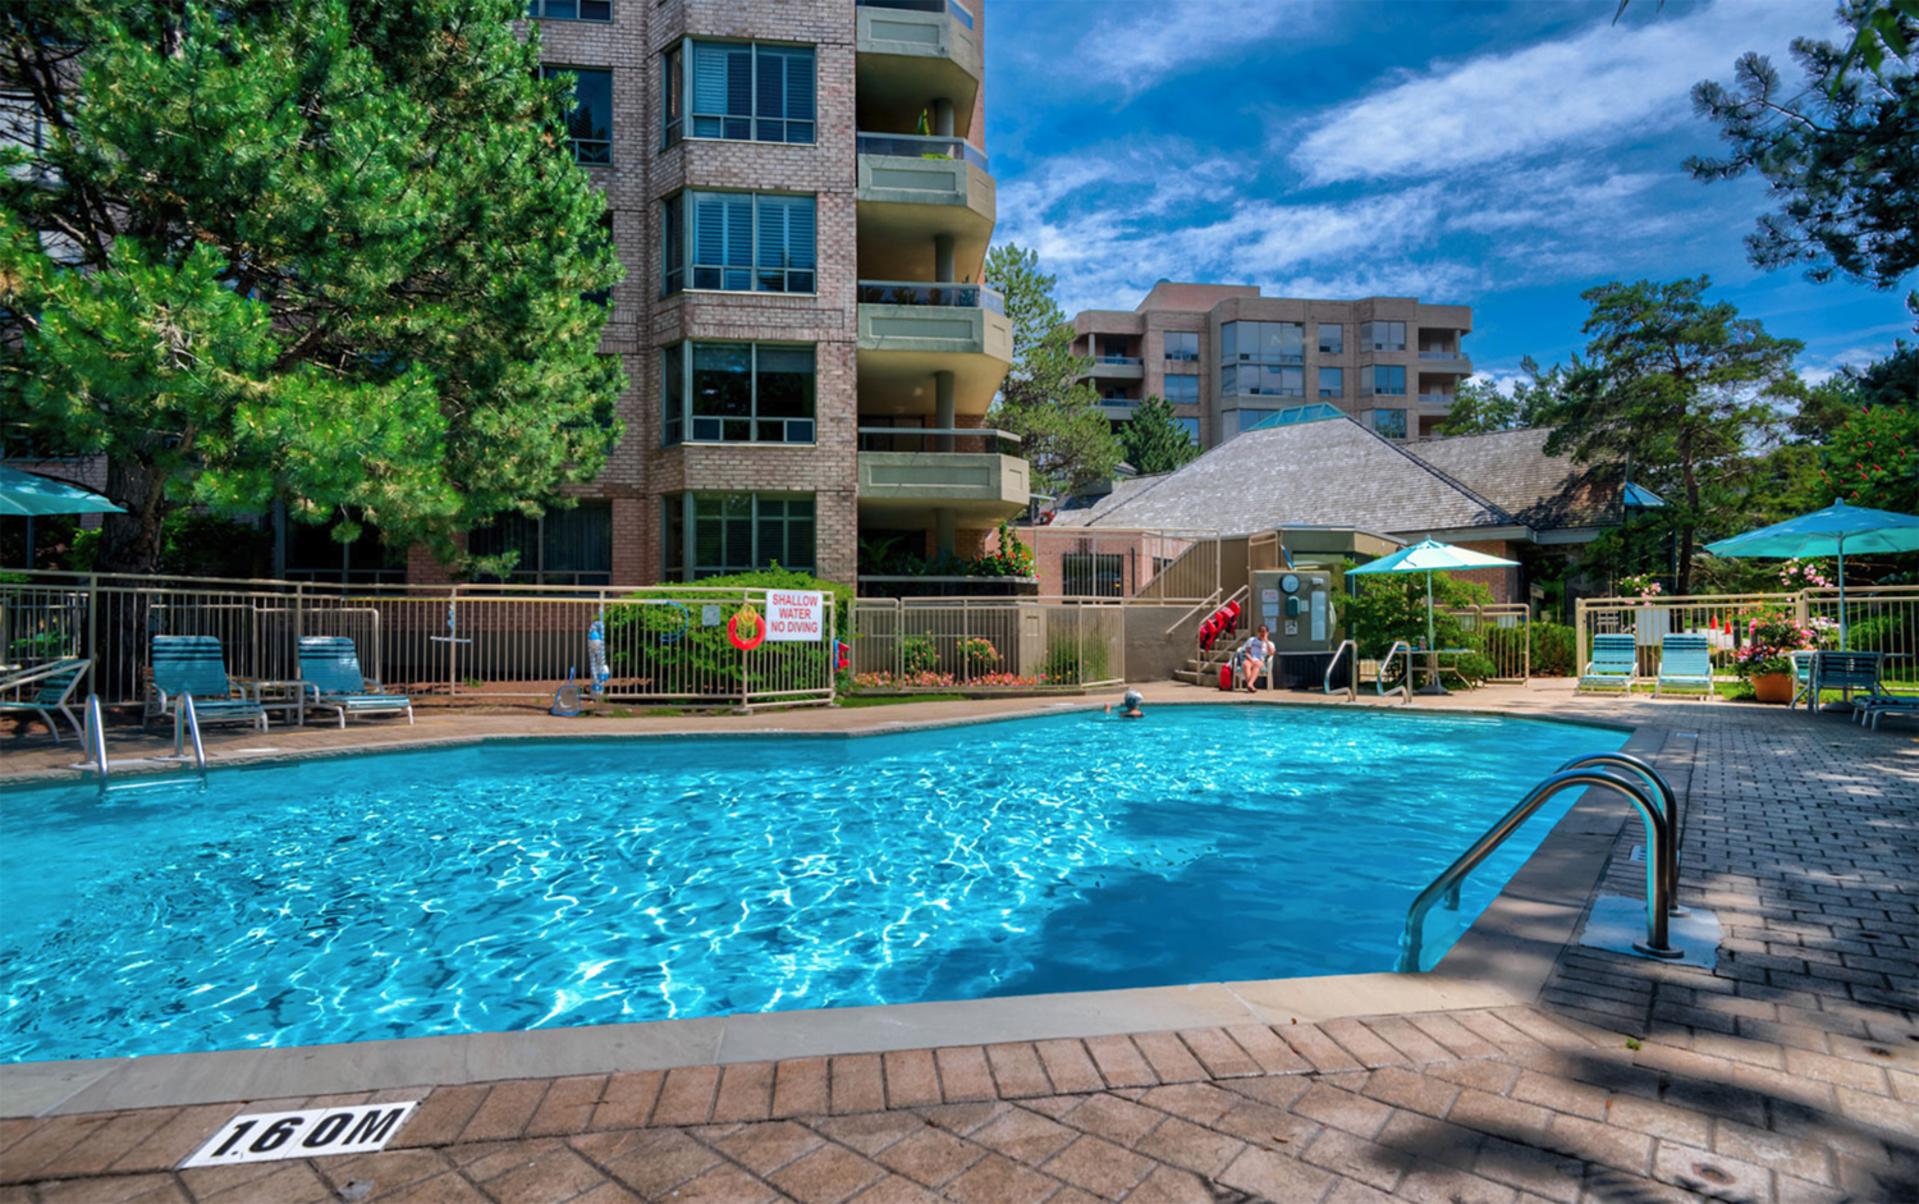 Pool at 519 - 1200 Don Mills Road, Banbury-Don Mills, Toronto